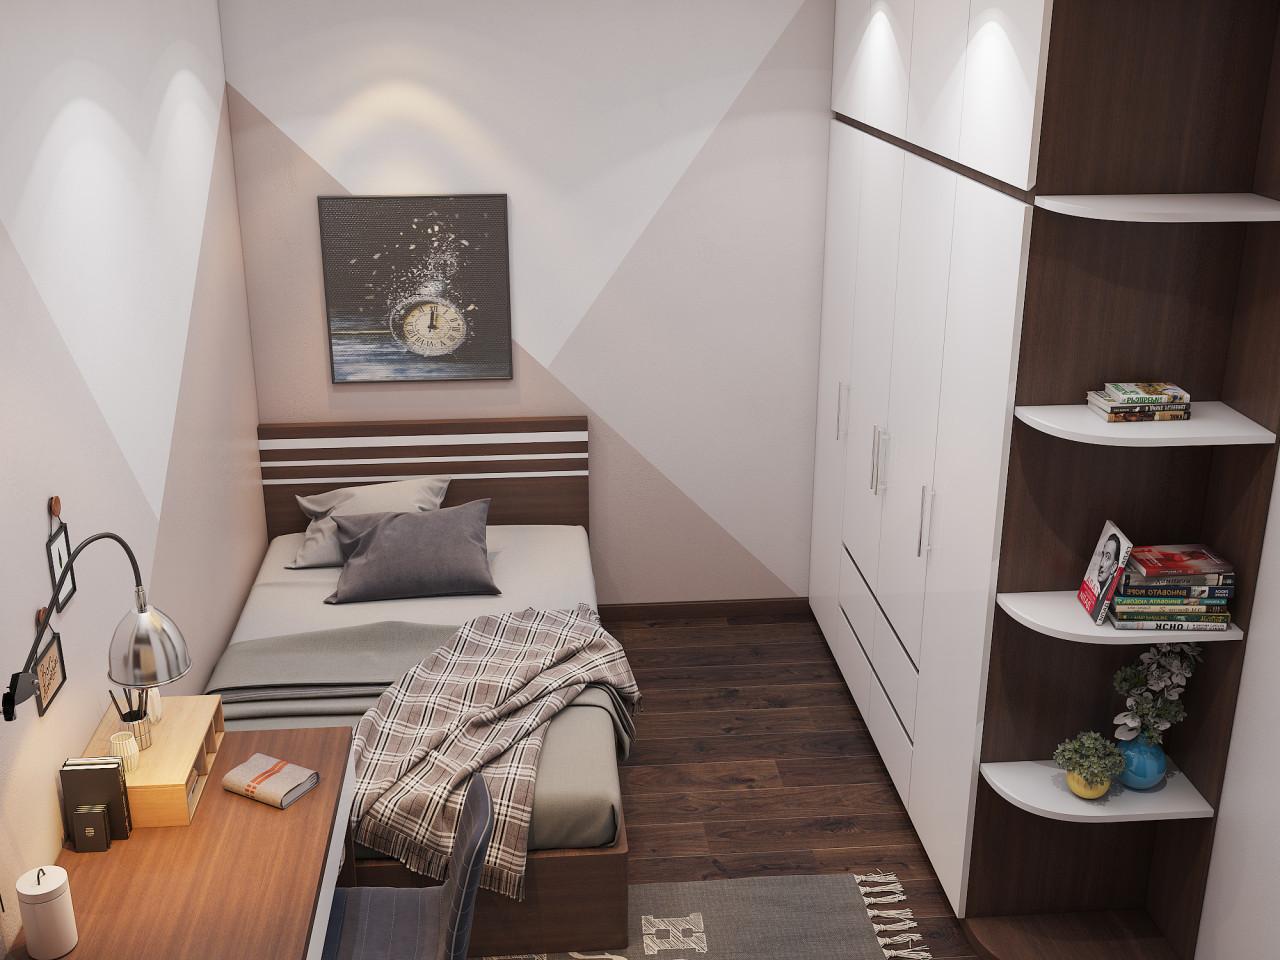 Phòng ngủ nhỏ cho khách theo phong cách đơn giản, tối ưu nội thất trong phòng